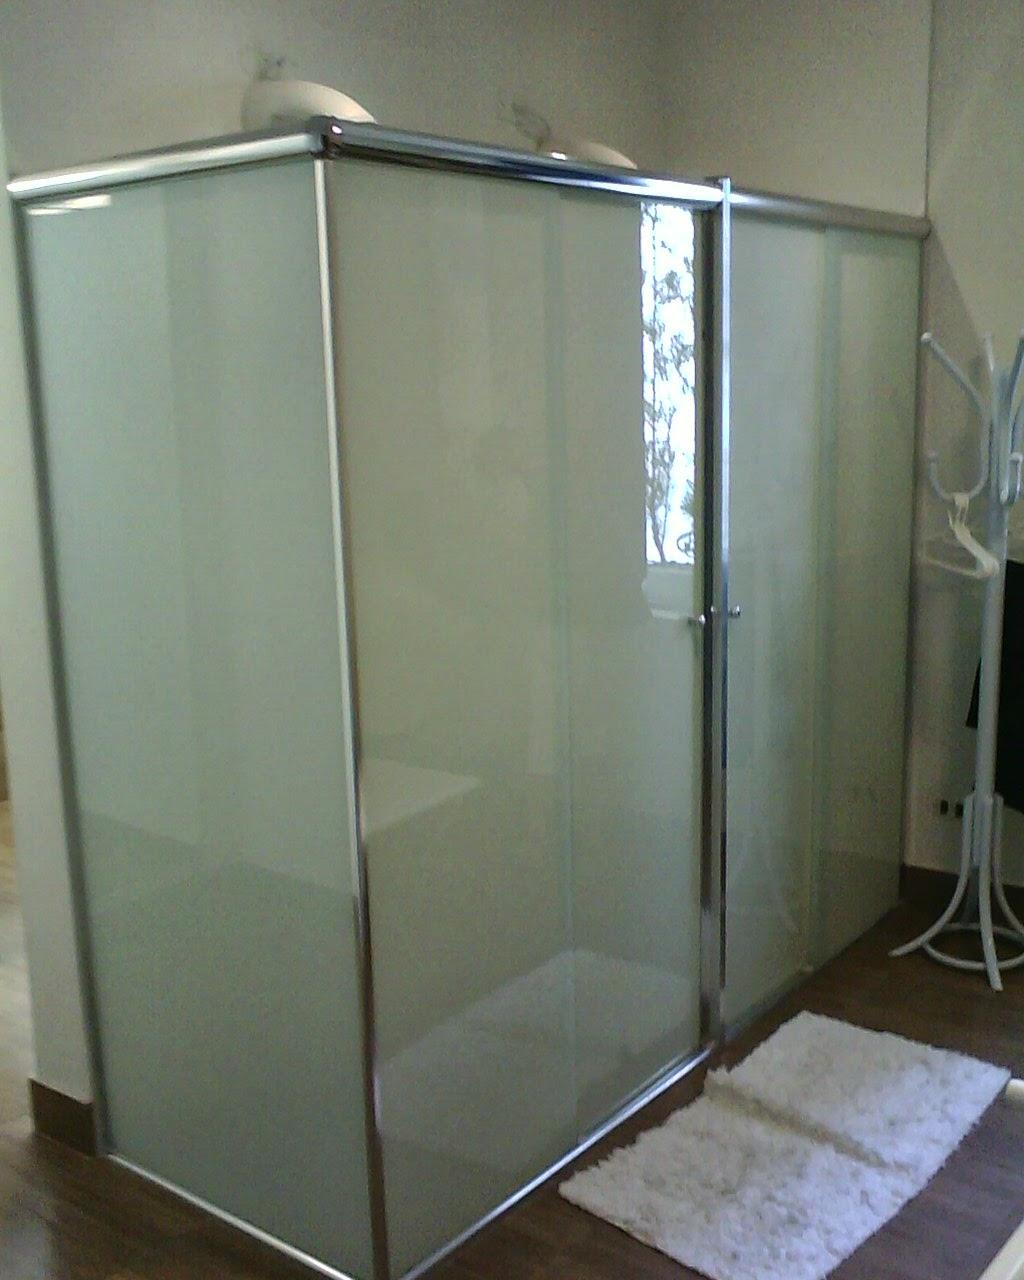 Vidro temperado para Box de Banheiro em Salvador 71 8666 8999 #445B88 1024x1280 Banheiro Container Salvador